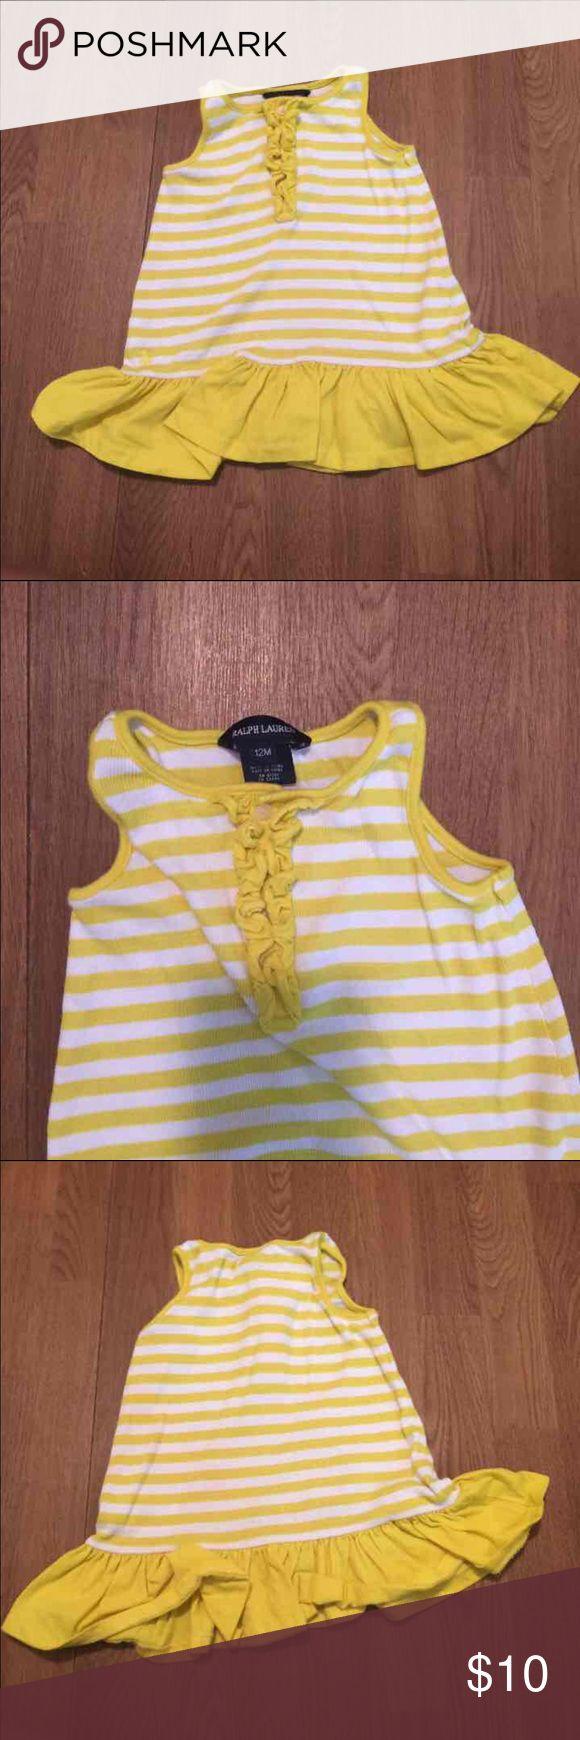 Ralph Lauren Dress Yellow striped dress Ralph Lauren Dresses